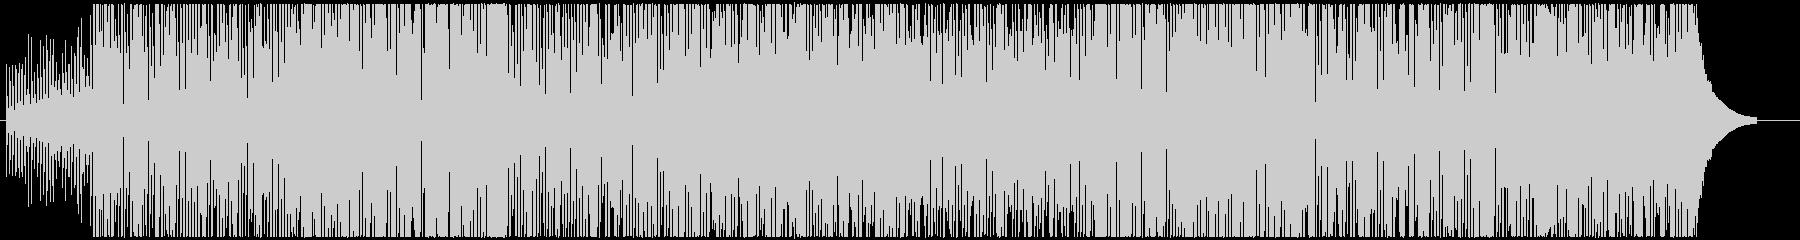 アコギの刻みが気持ち良い曲の未再生の波形